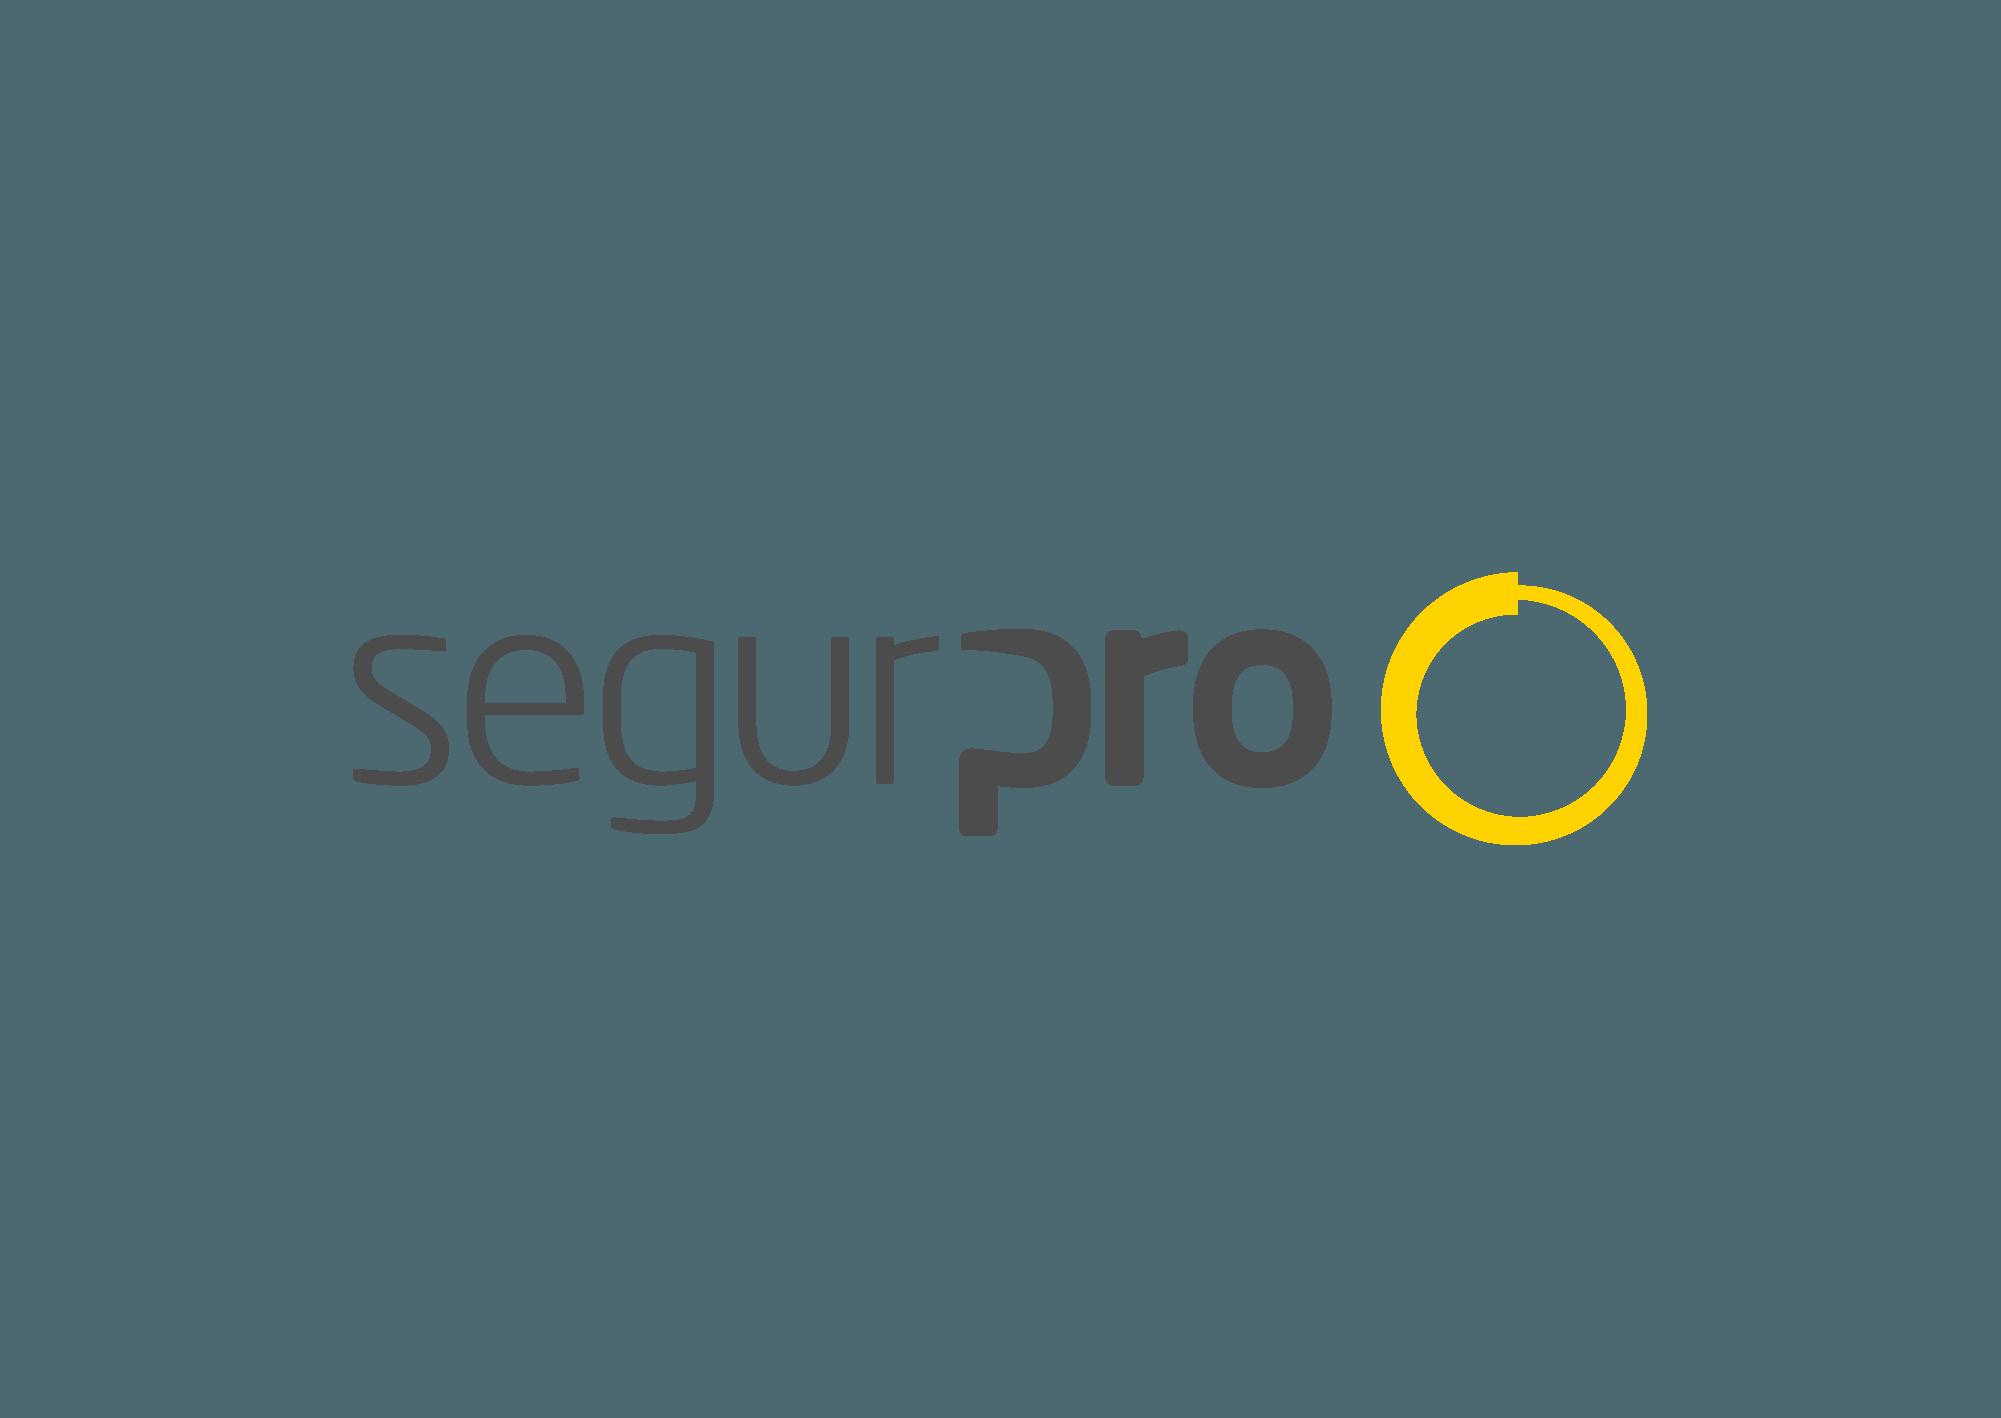 SEGURPRO é uma das vencedoras do Prêmio Top of Mind 2019 - ABC da ...